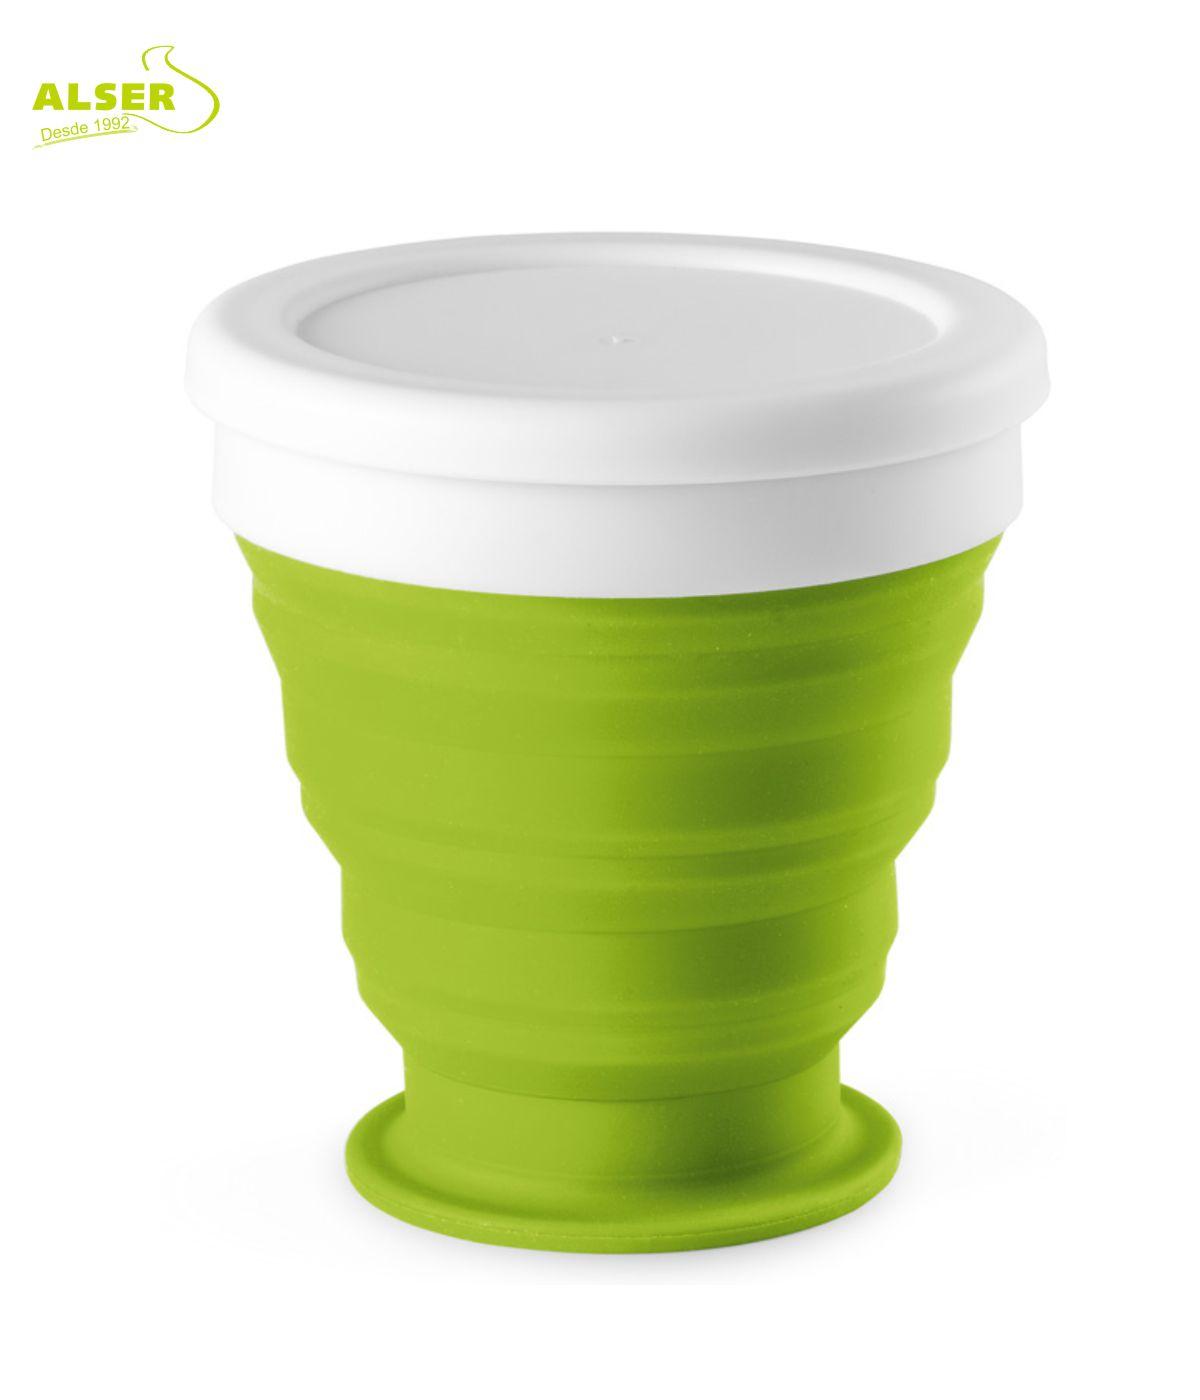 vaso plegable de silicona Verde claro